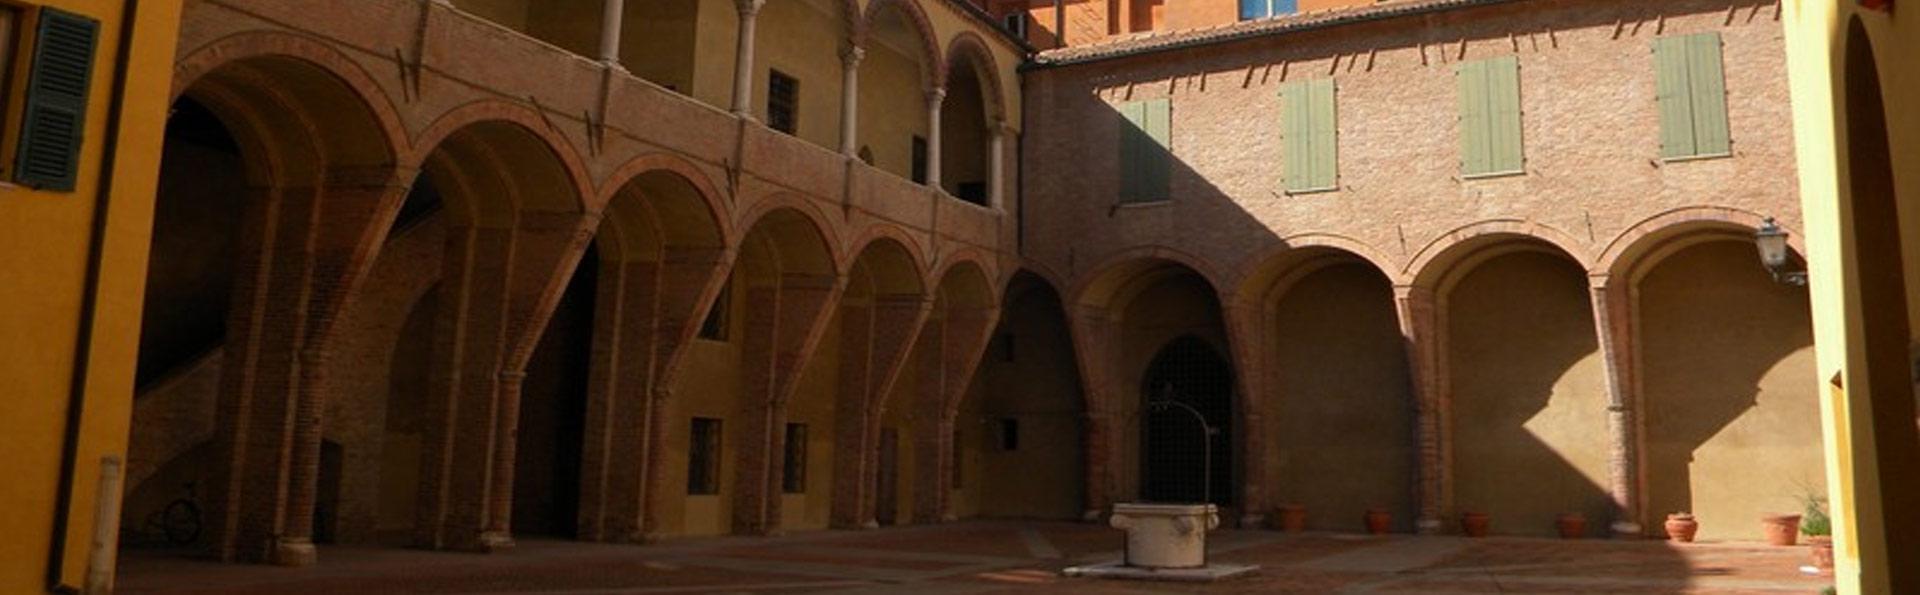 Palazzo Muzzarelli Crema Ferrara